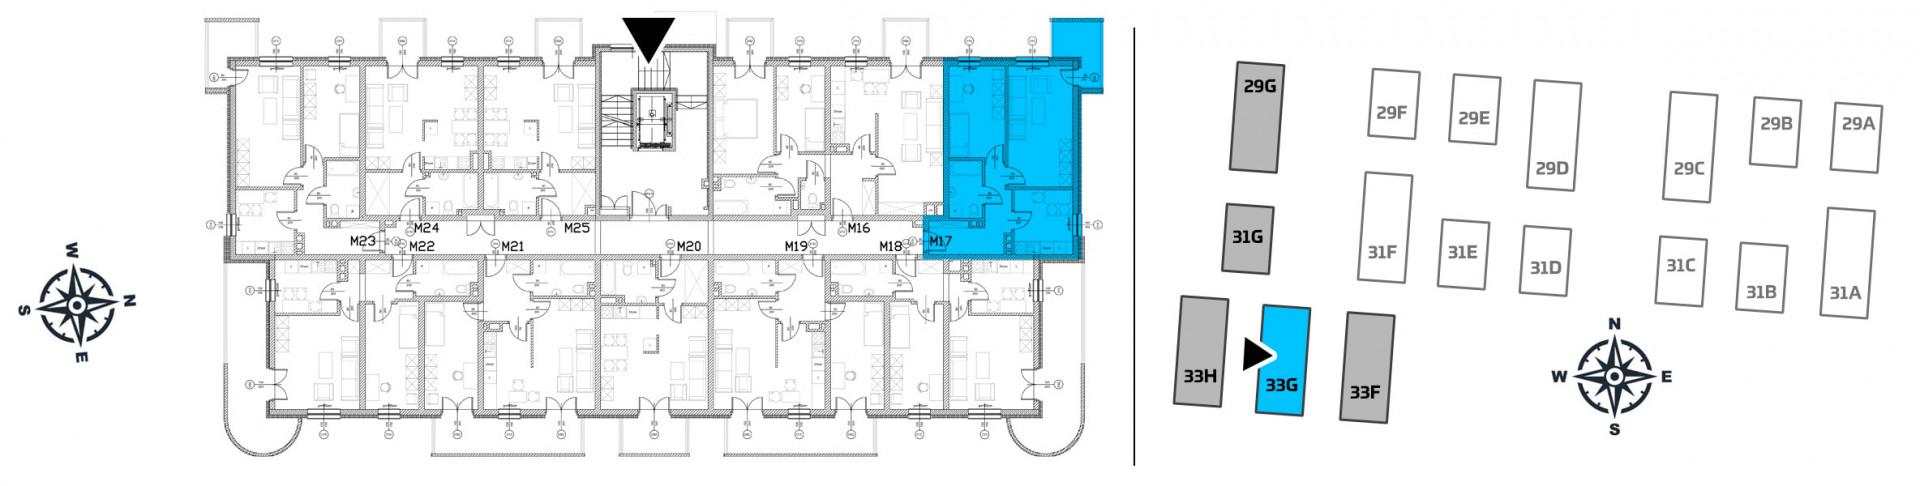 Mieszkanie dwupokojowe 33G/17 rzut 2